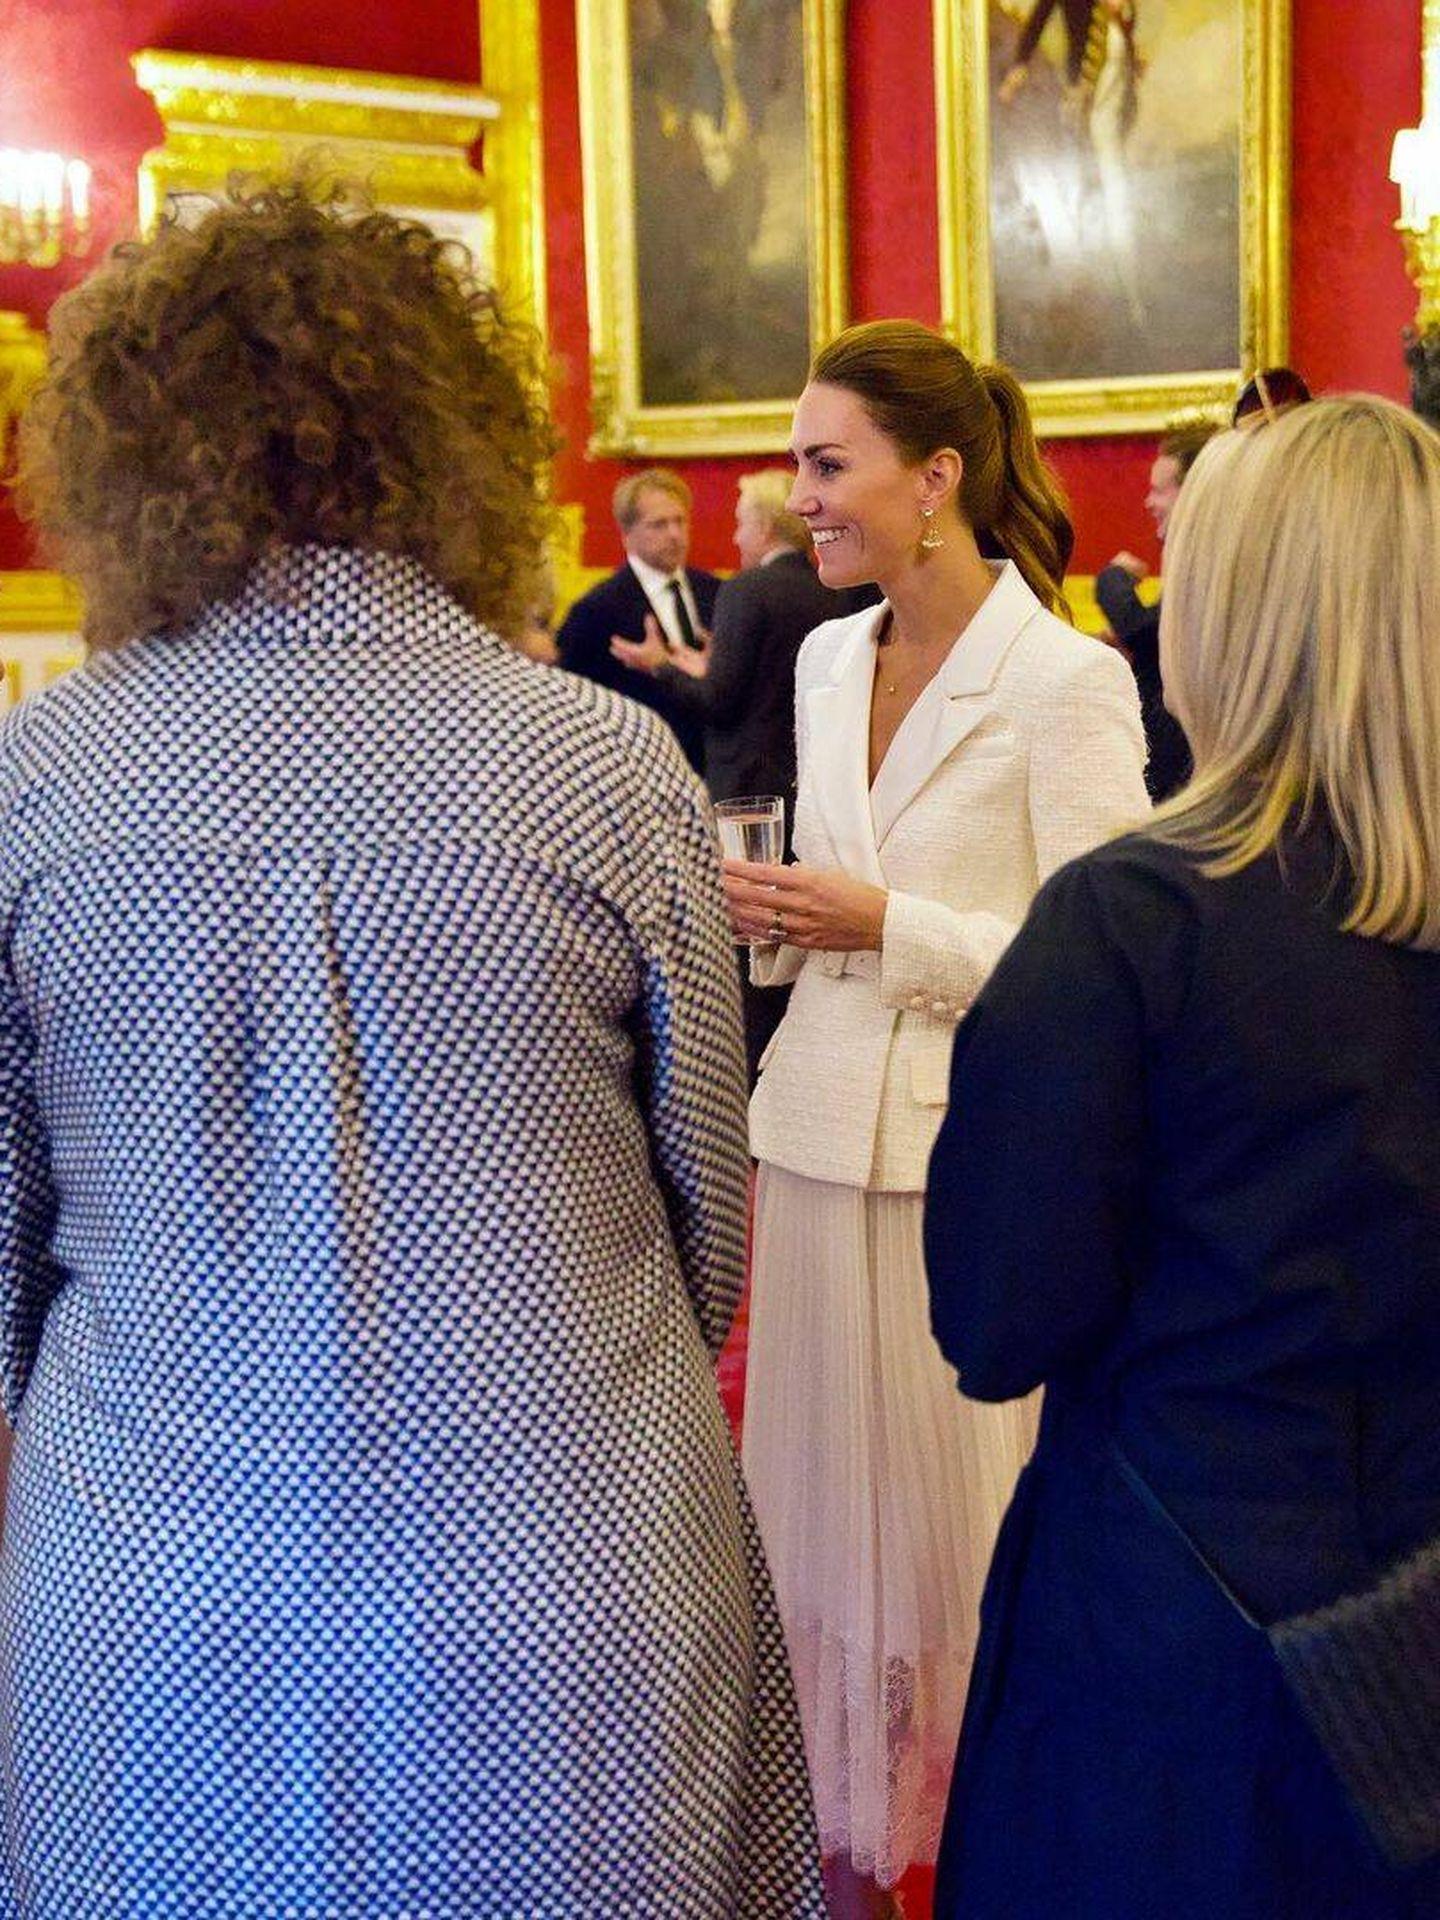 Kate Middleton, durante la velada. (Palacio de Kensington)